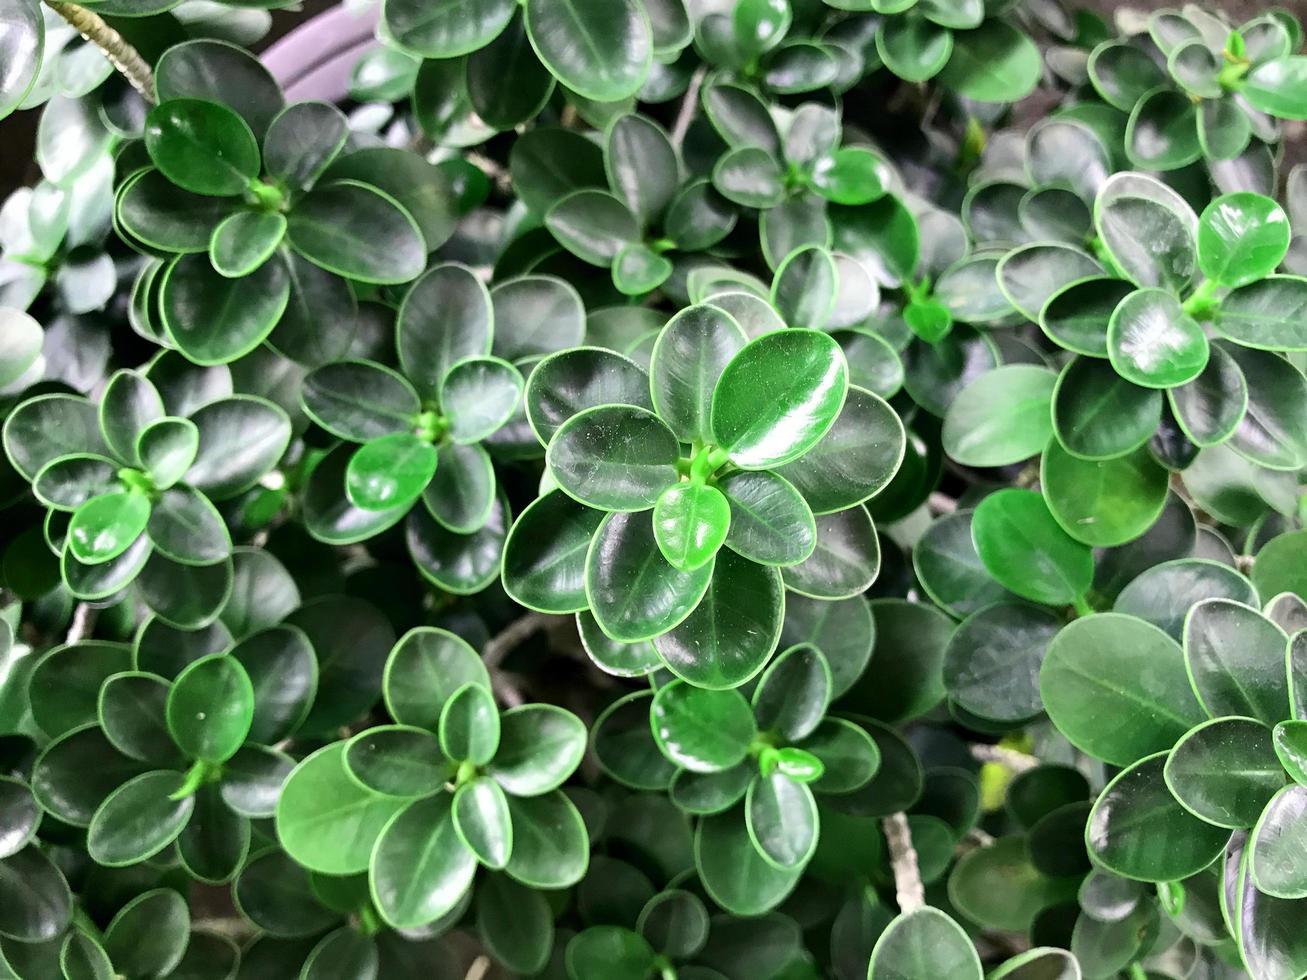 hojas verdes brillantes afuera foto